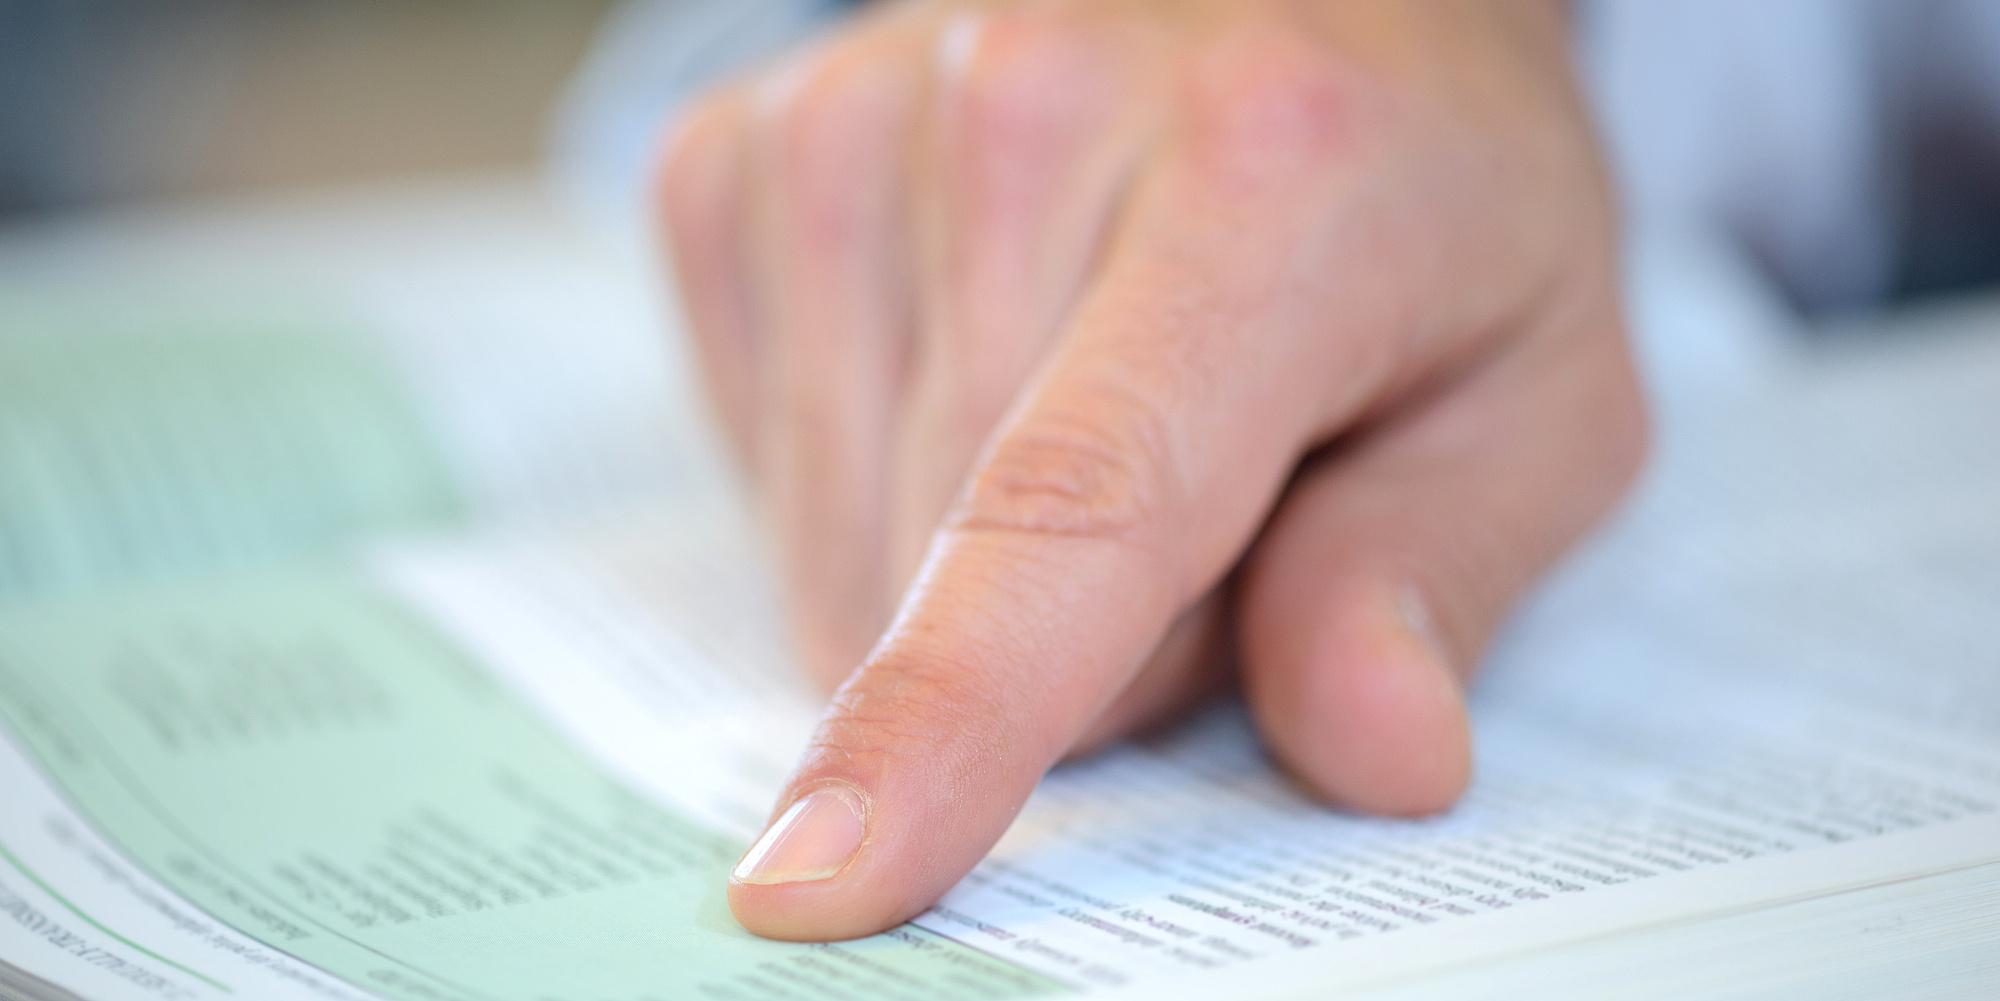 Eine Hand auf einer Buchseite.